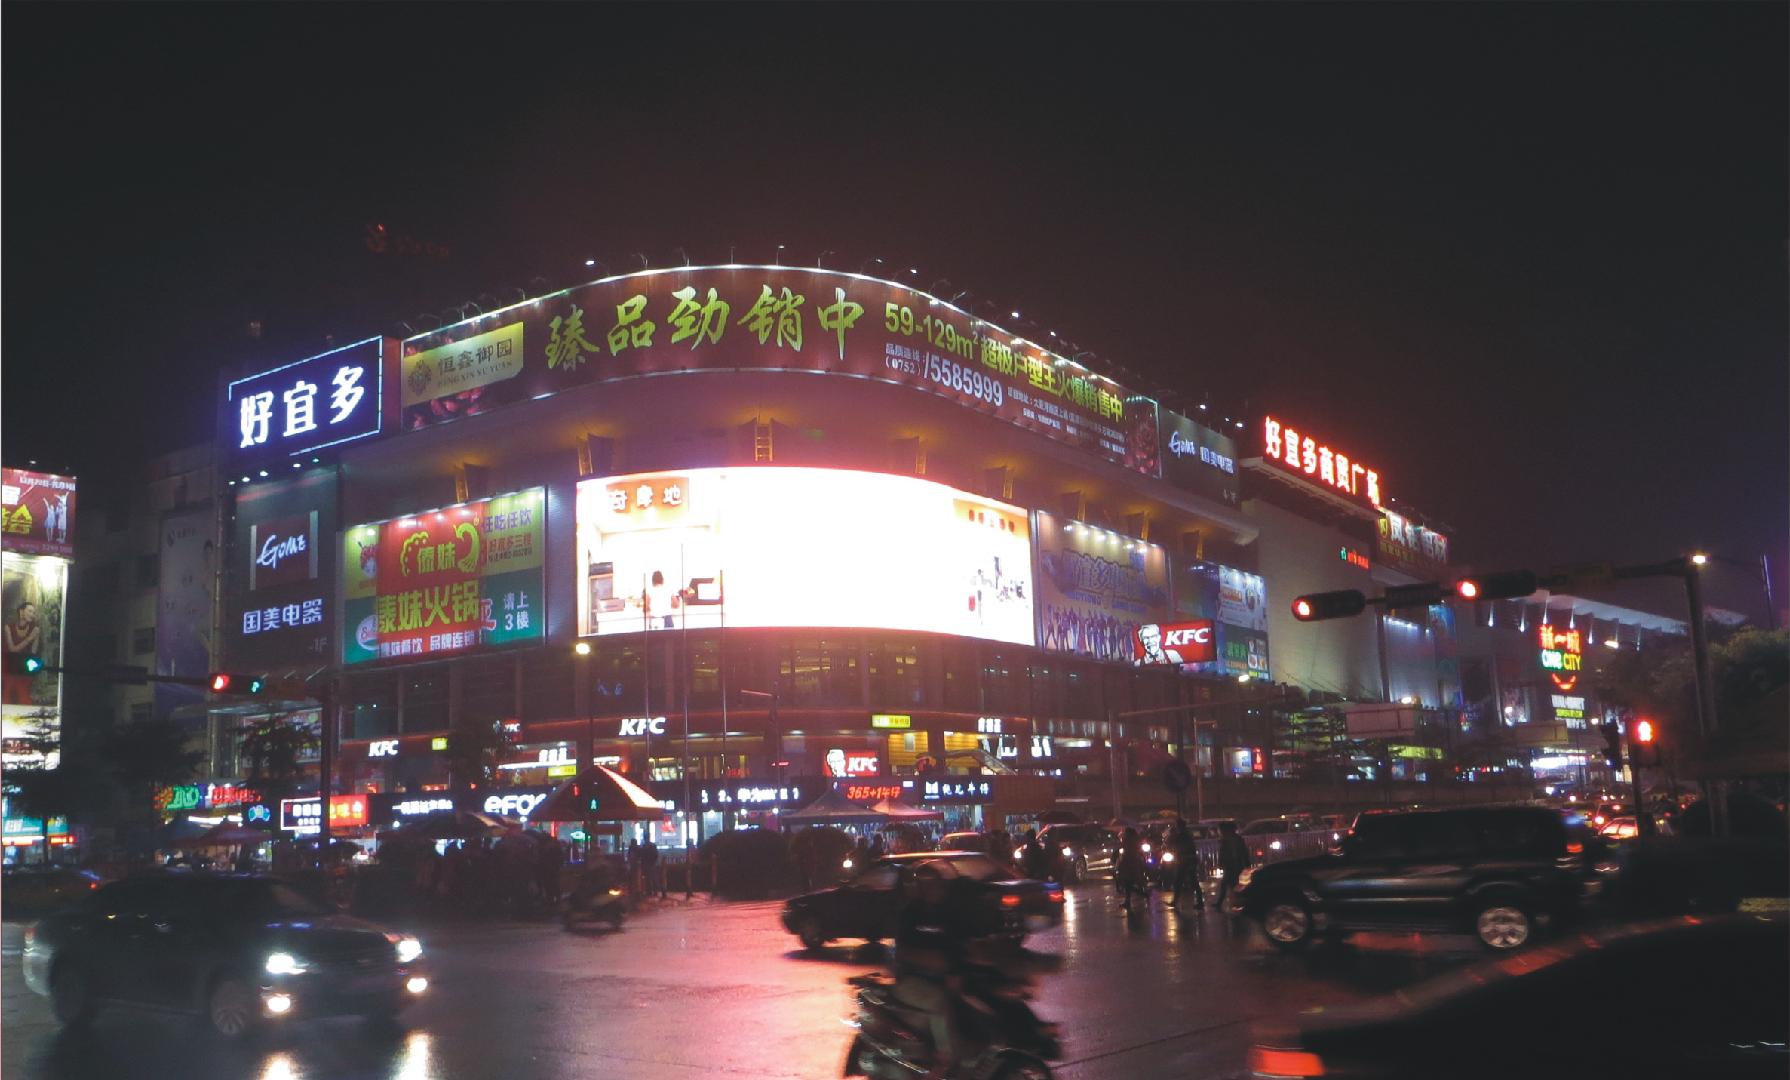 惠州好宜多商贸广场